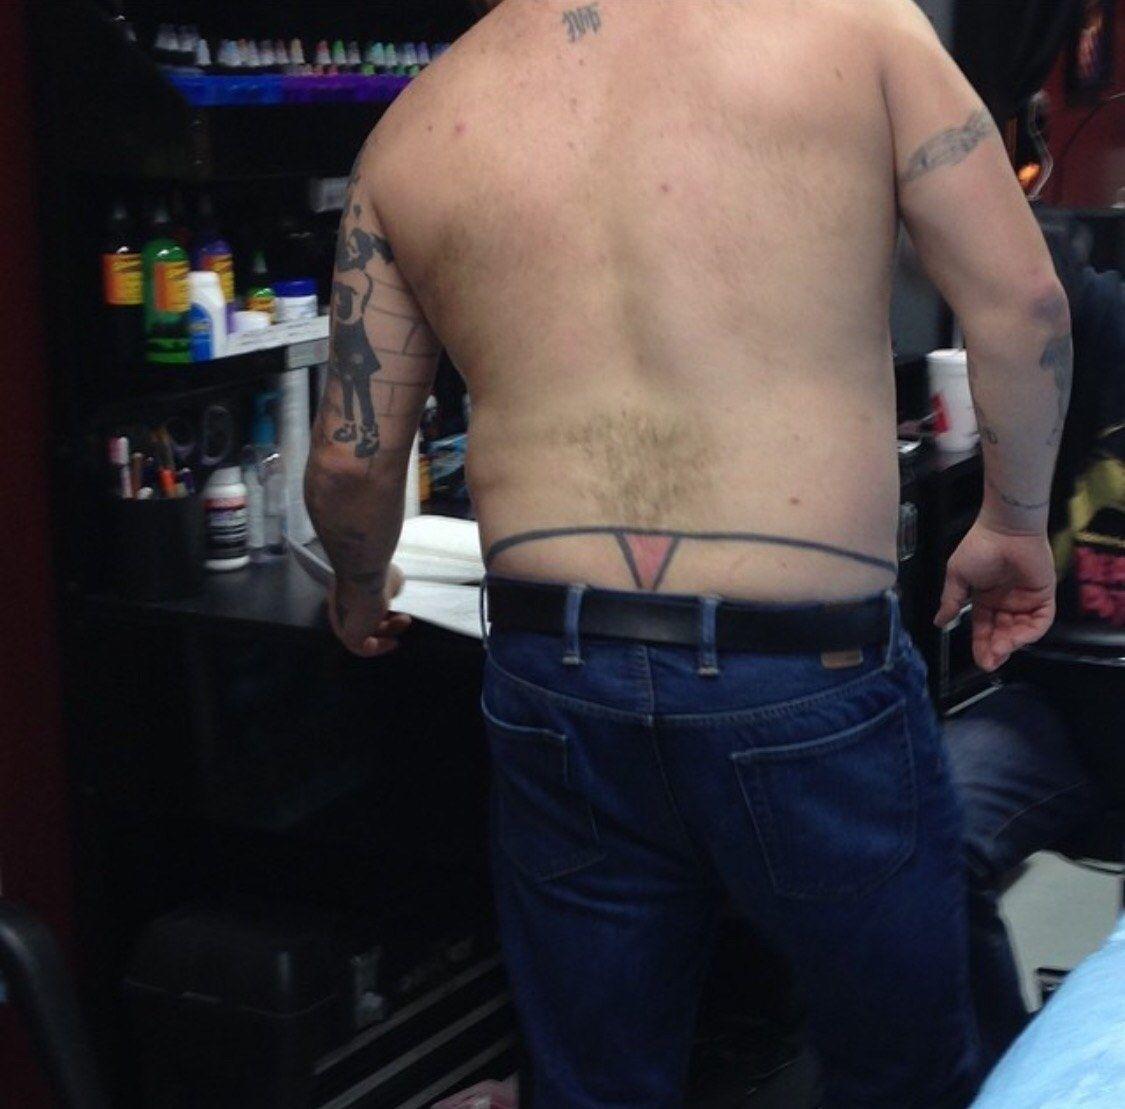 Das Nickelback-Tattoo ist noch das beste von allen ...